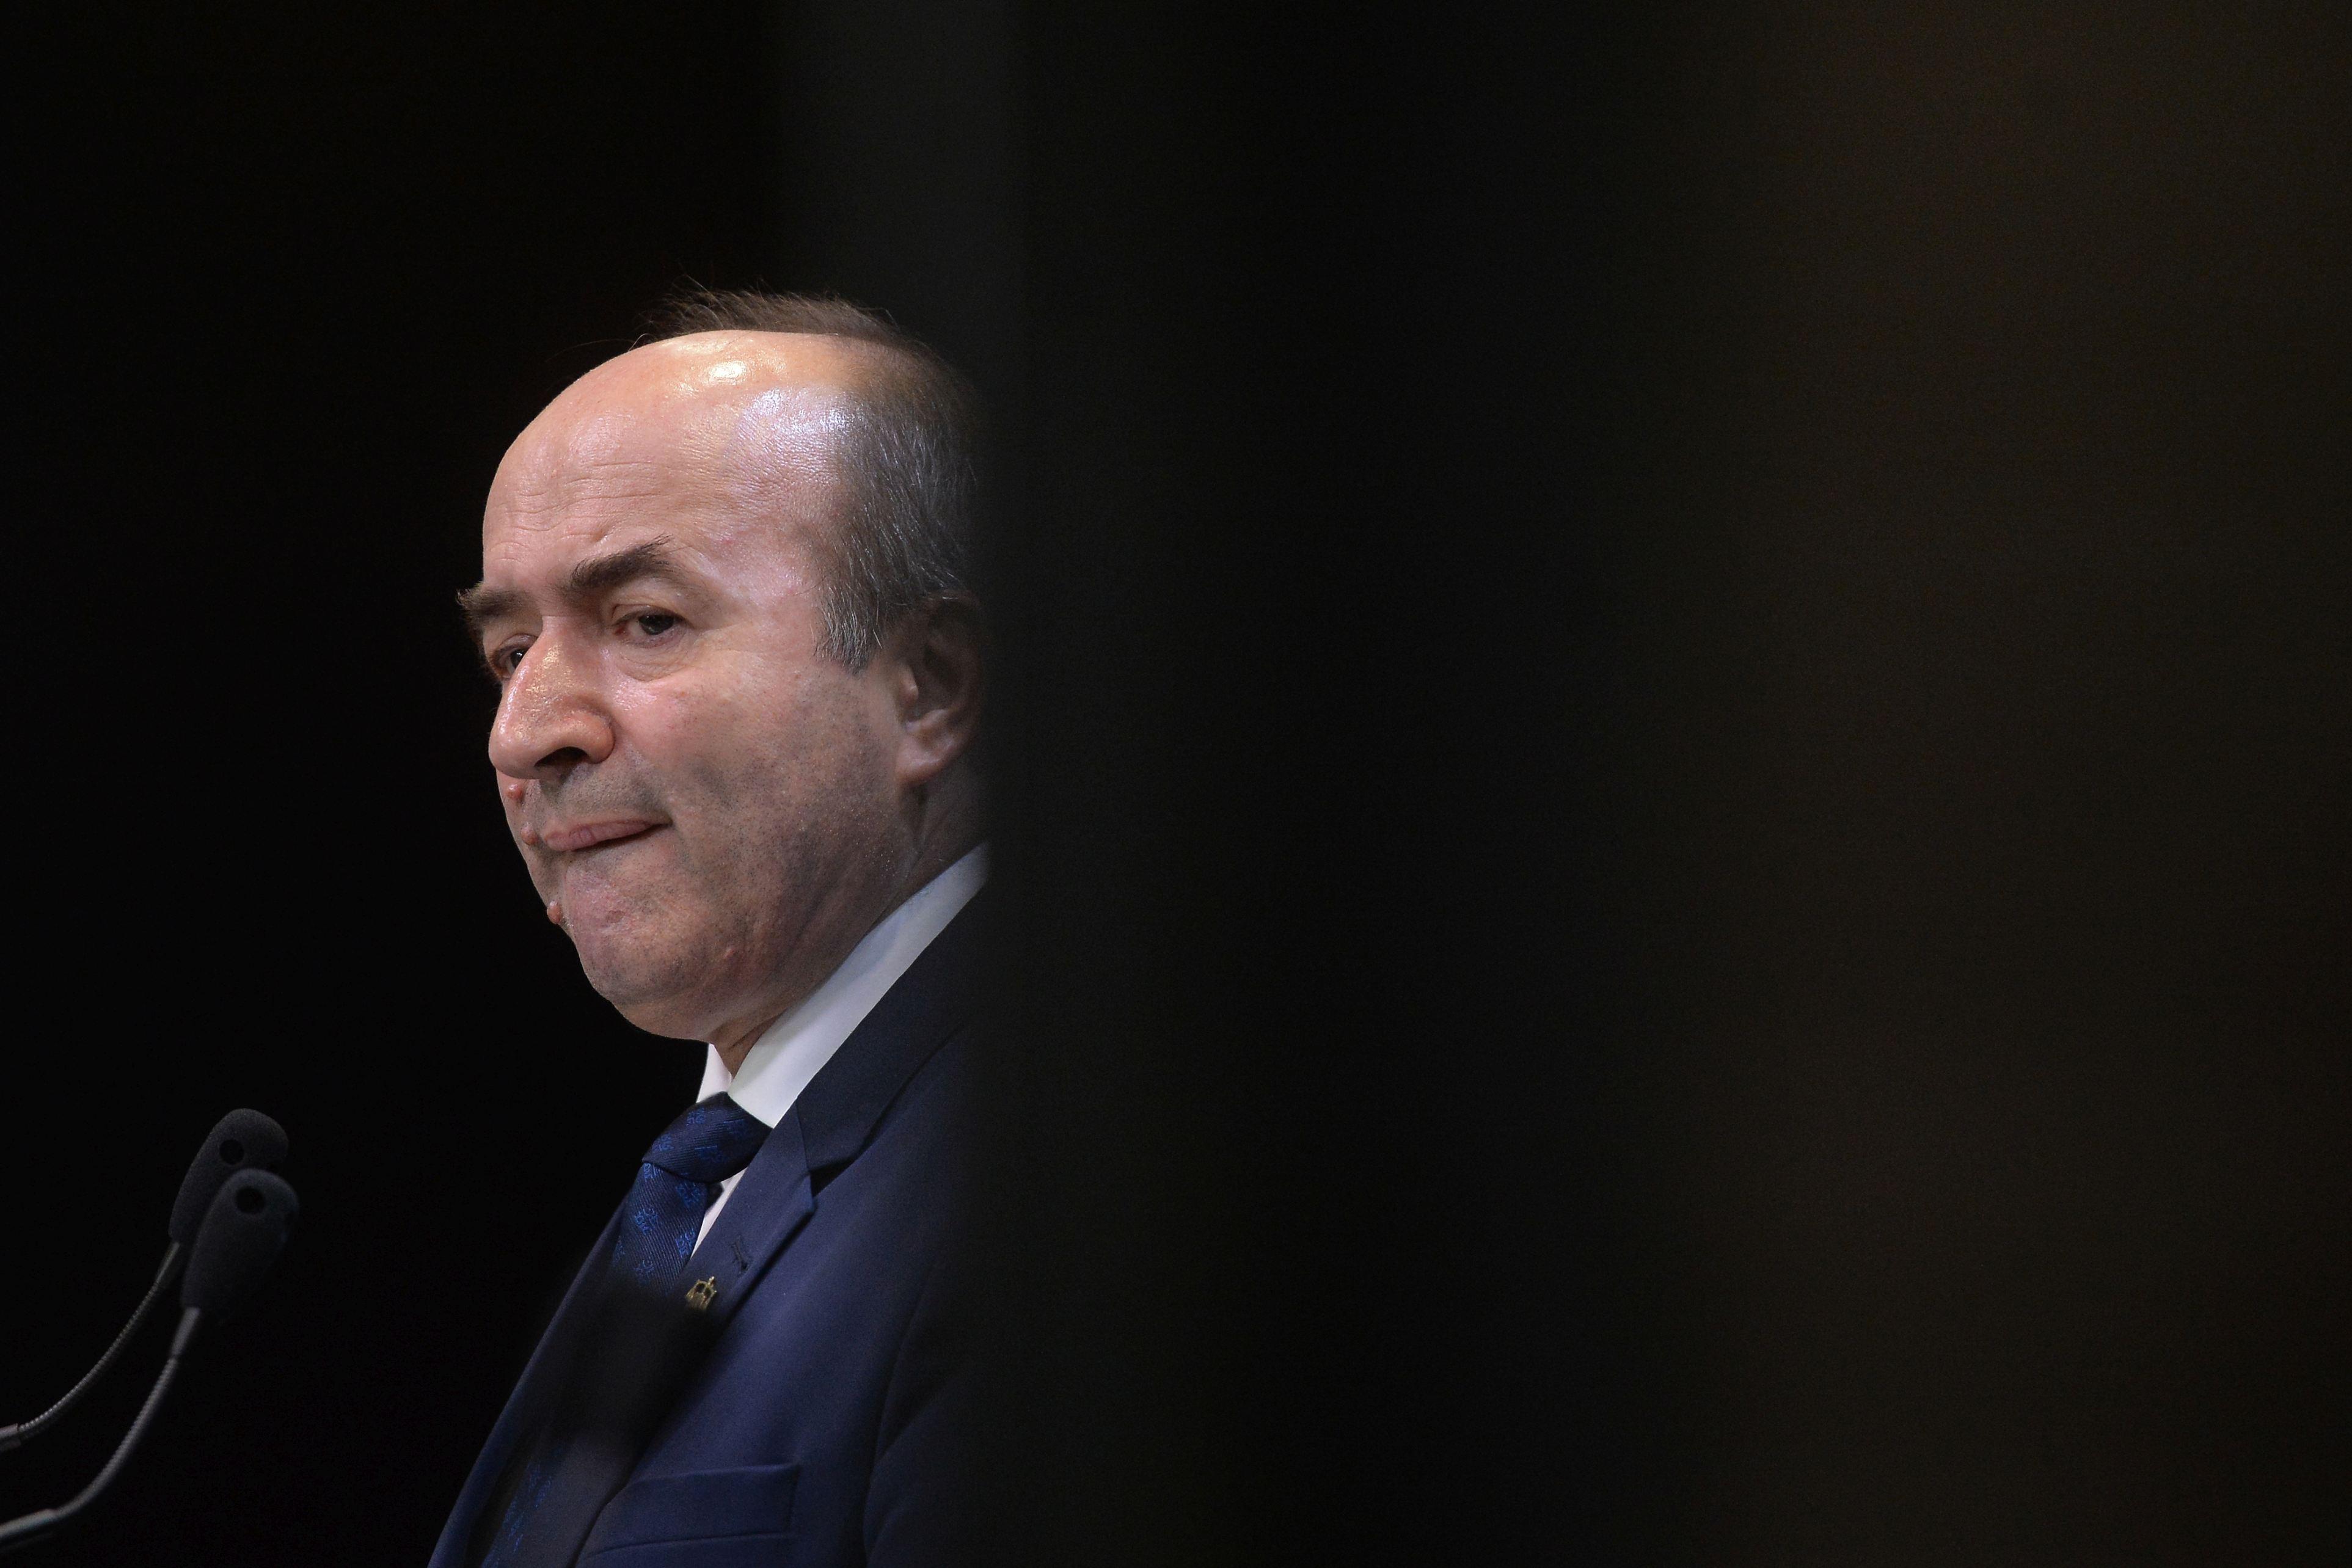 Fostul ministru al Justiţiei, Tudorel Toader, anunţă dezvăluiri: Epopeea neavizării OUG pentru modificarea codurilor penale